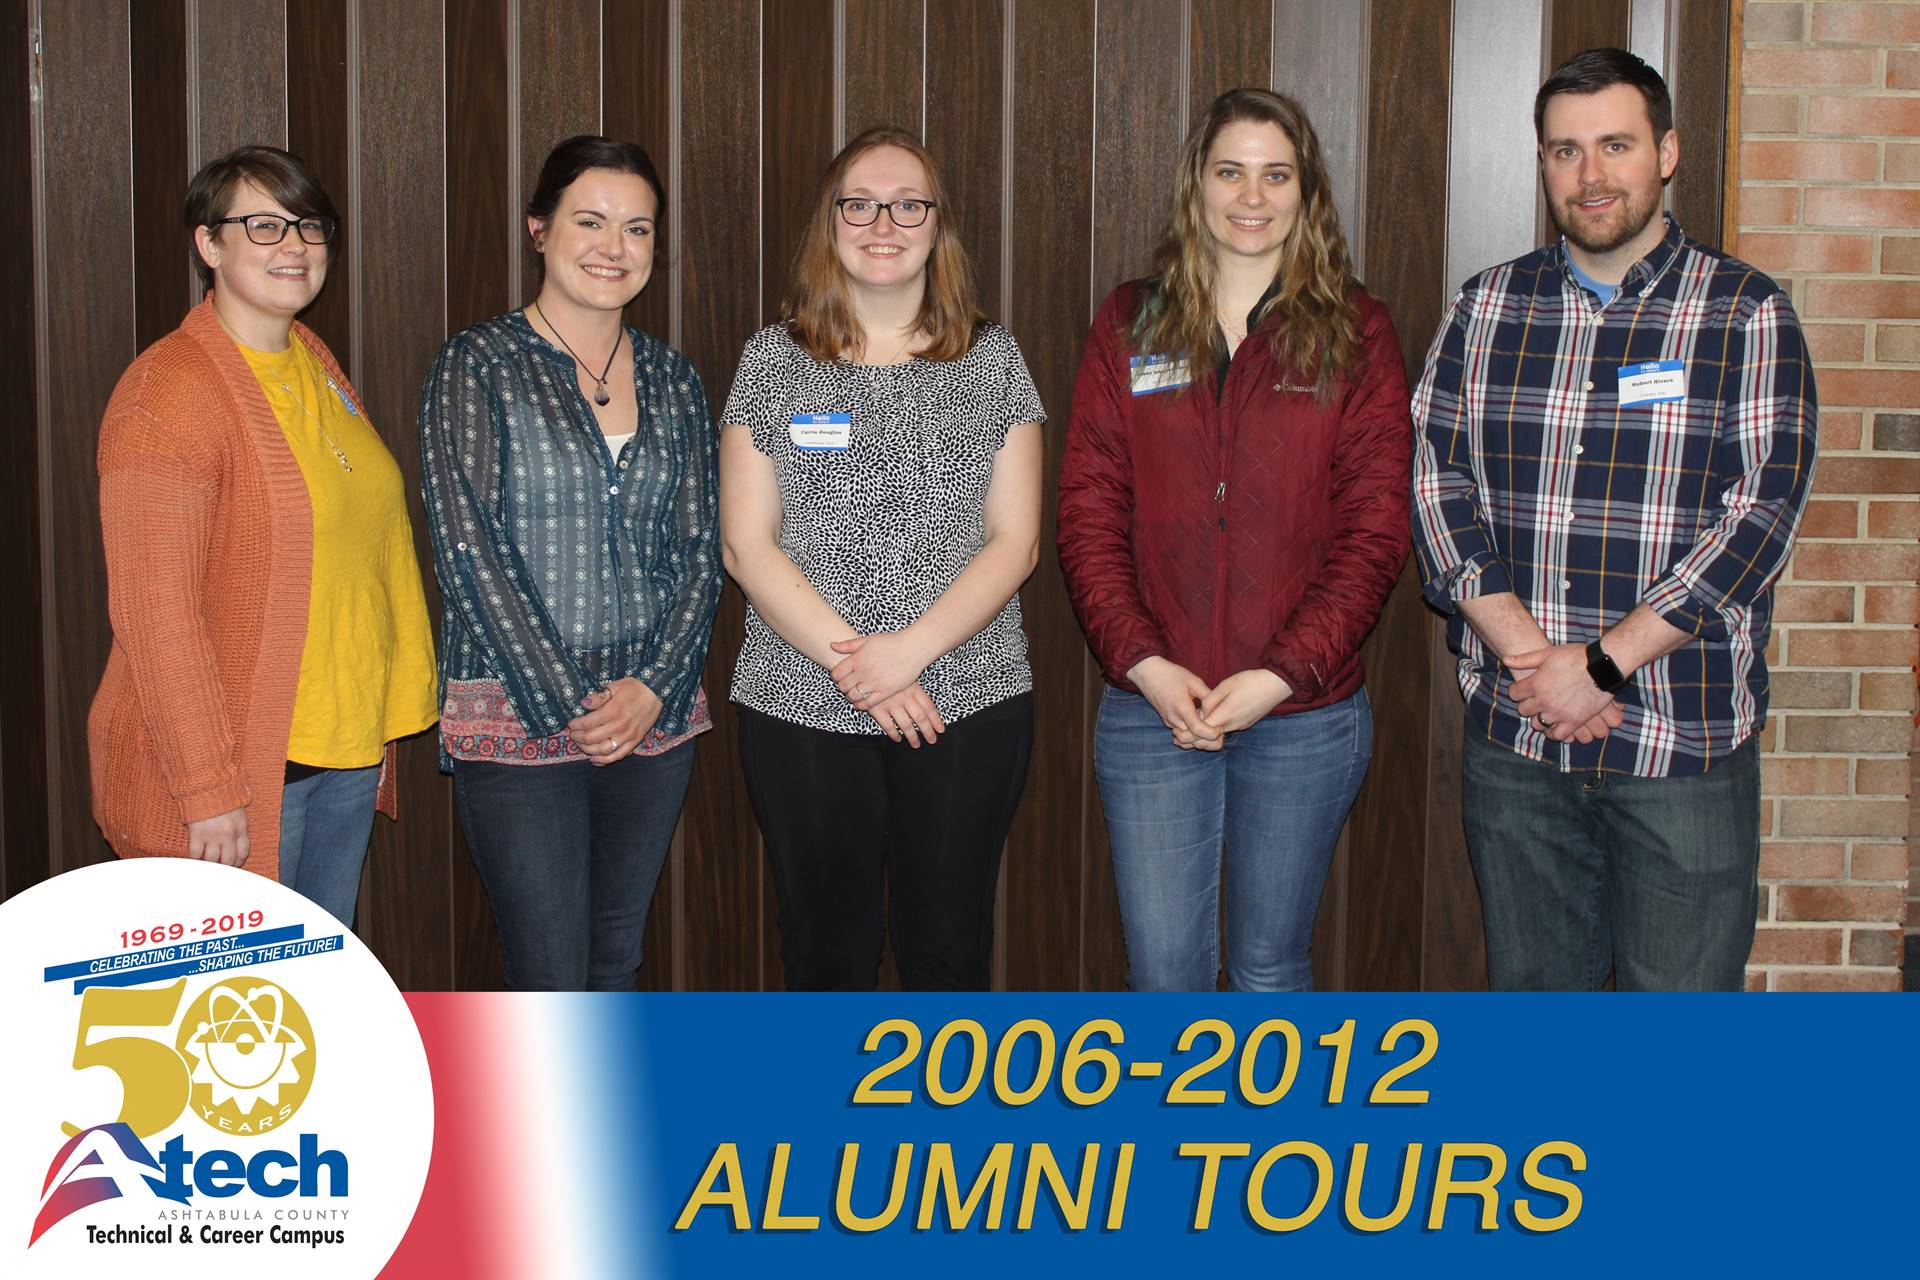 2006 - 2012 Alumni Photo